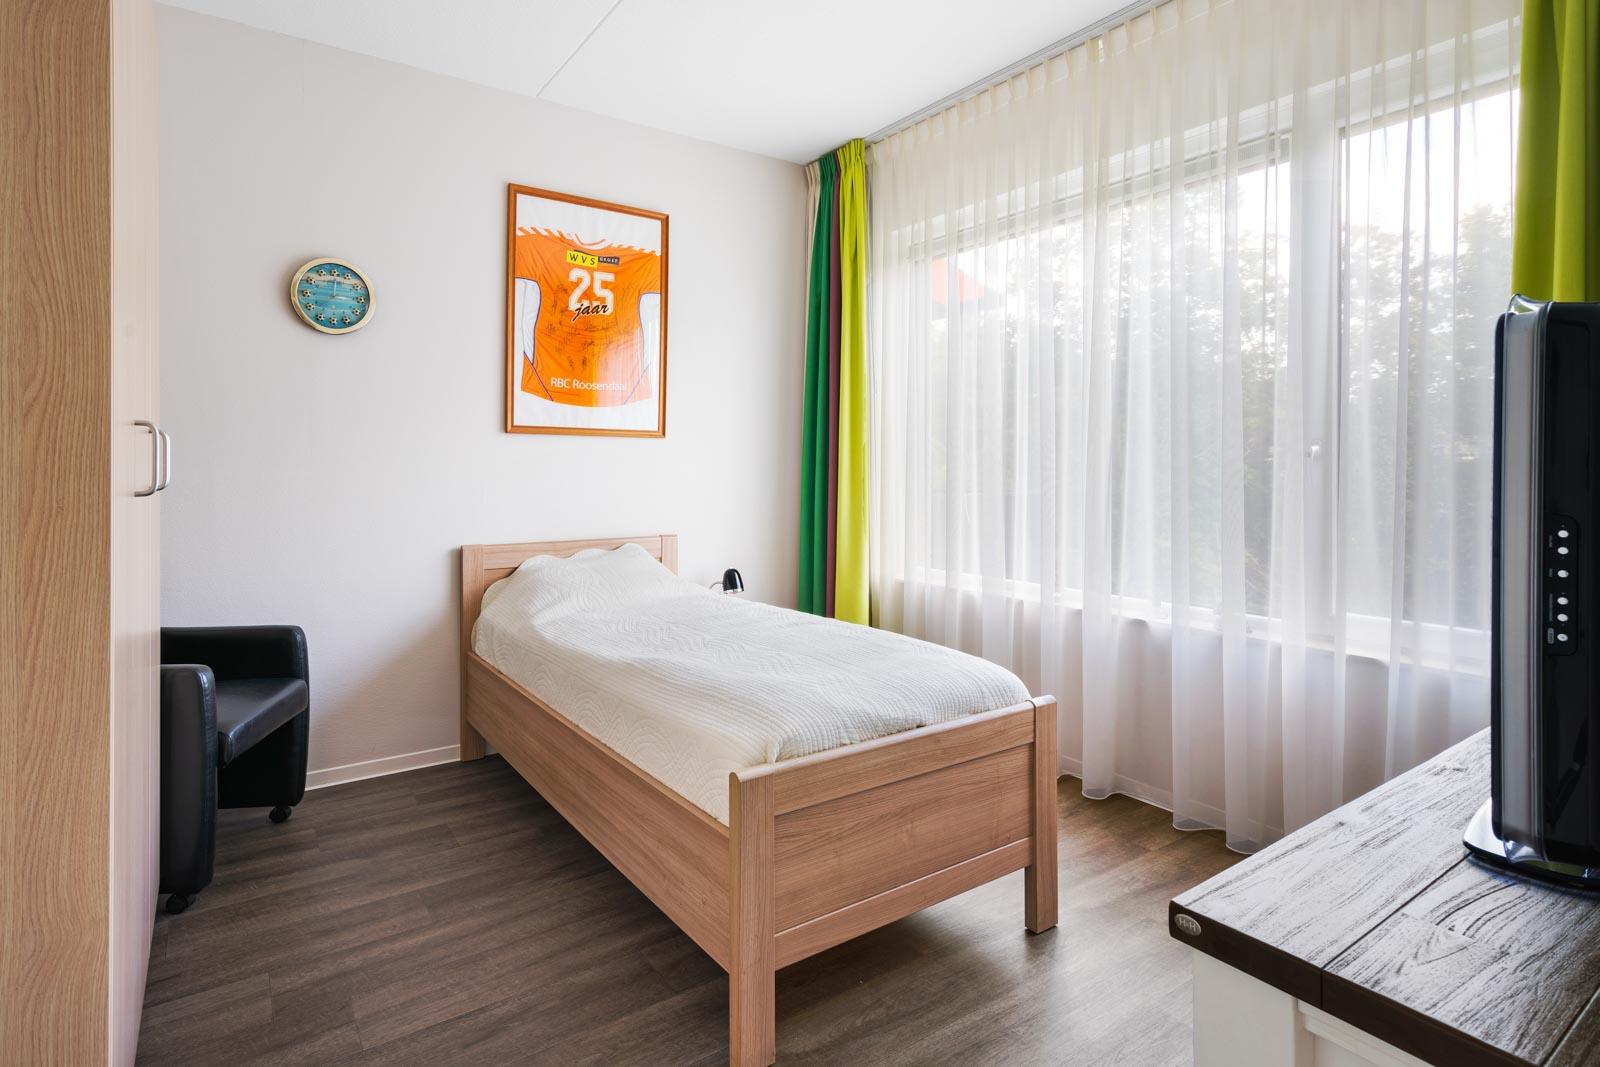 Slaapkamer van appartement bij SDW t Zand